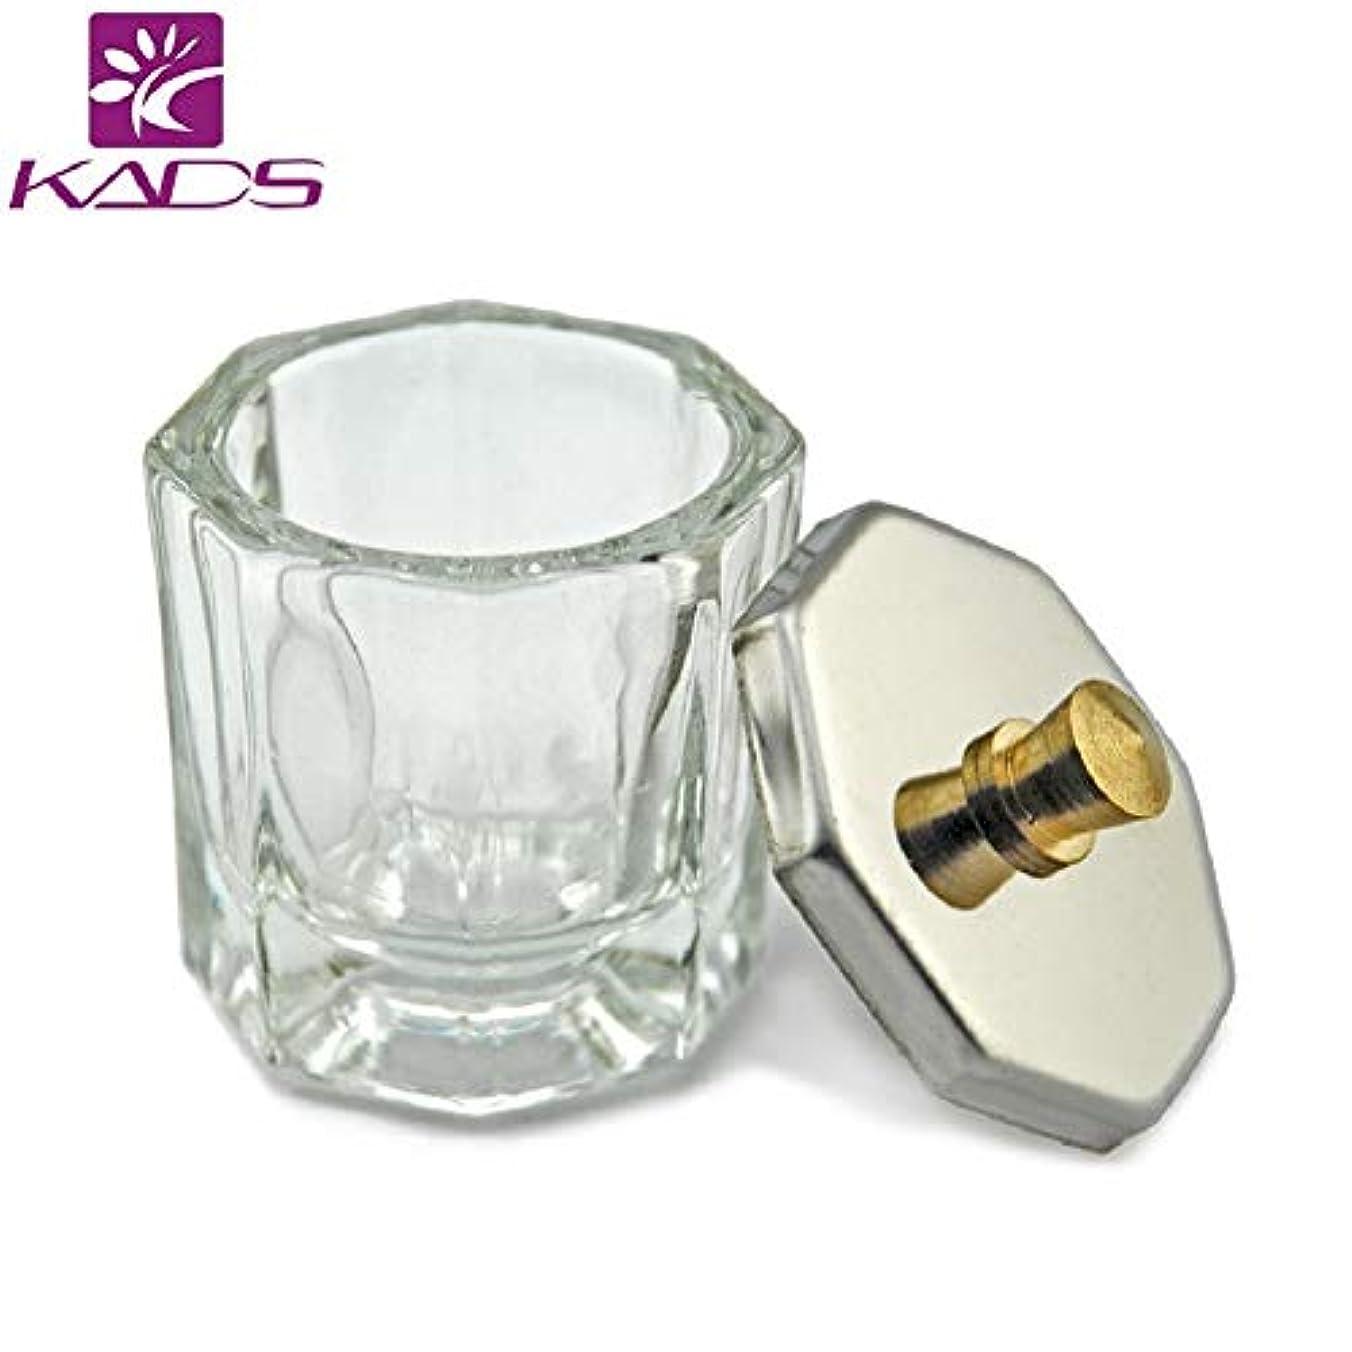 はねかけるあなたのもの入植者KADS 八角形ネイルダッペンディッシュ フタ付き ガラス製 筆洗いガラス容器 ジェルネイル用筆洗浄